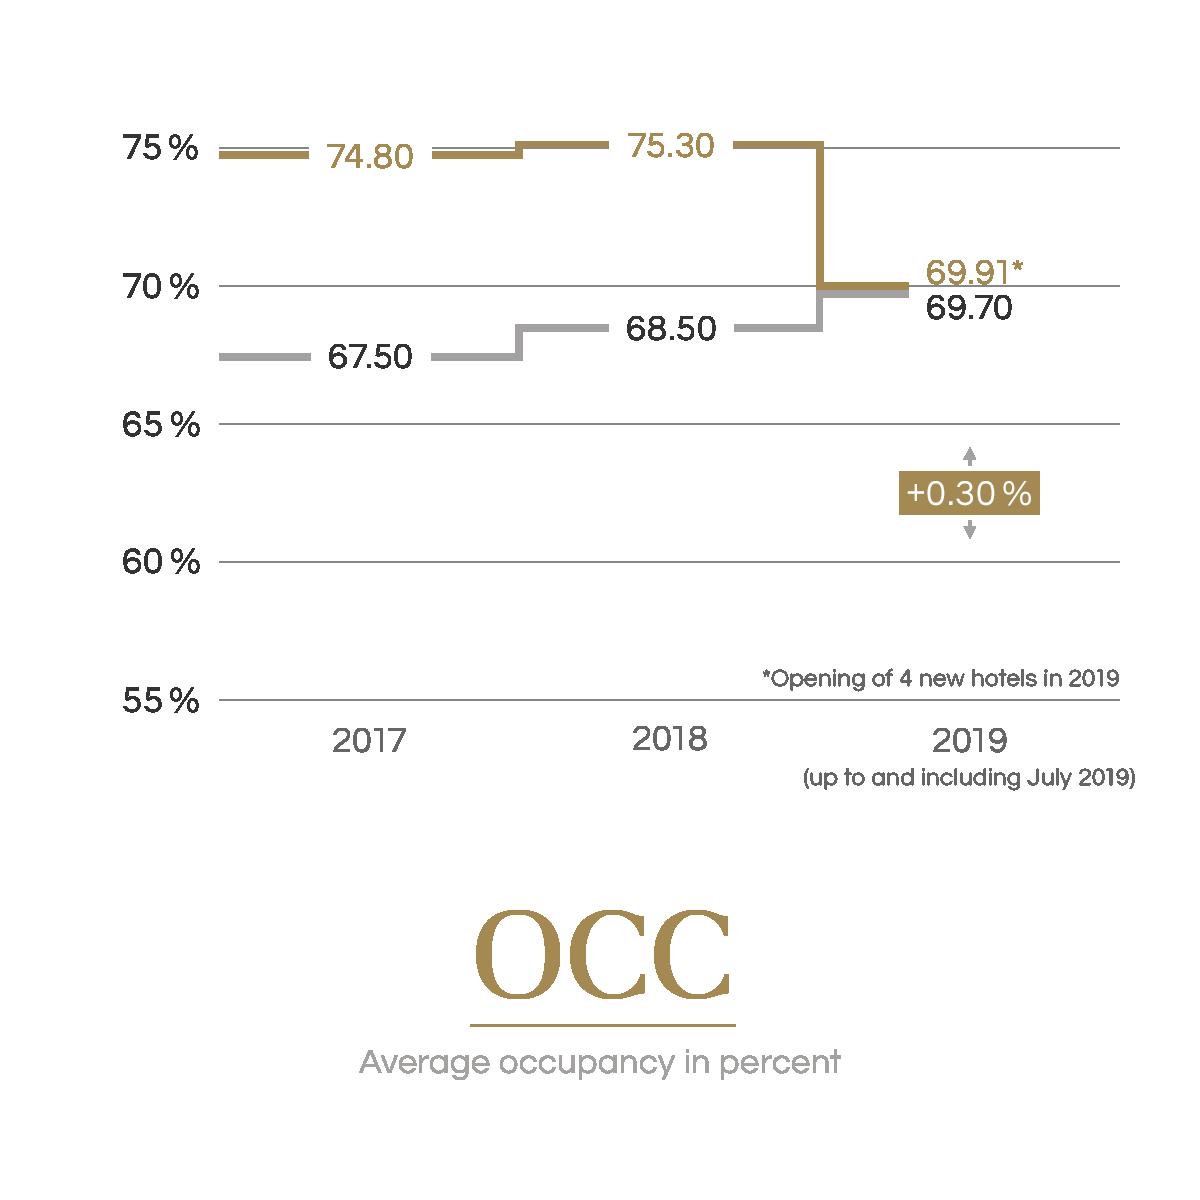 OCC | Average occupancy in percent